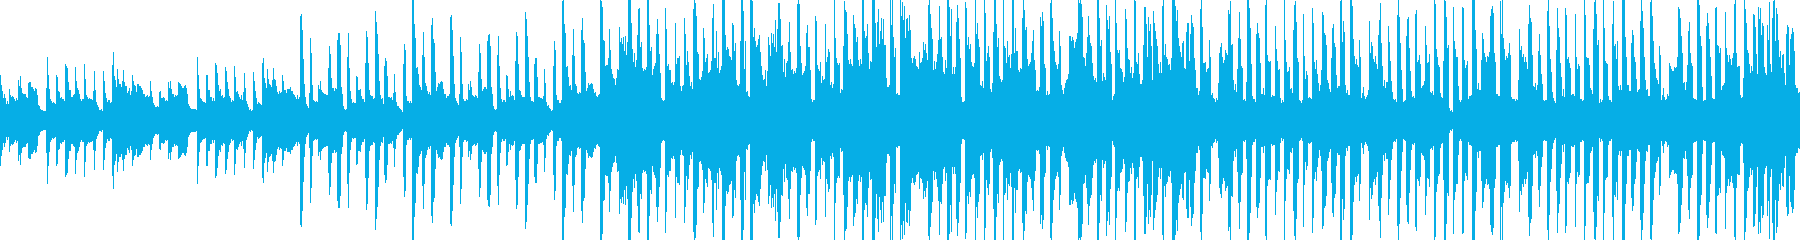 寂しい 幻想的 テクノの再生済みの波形